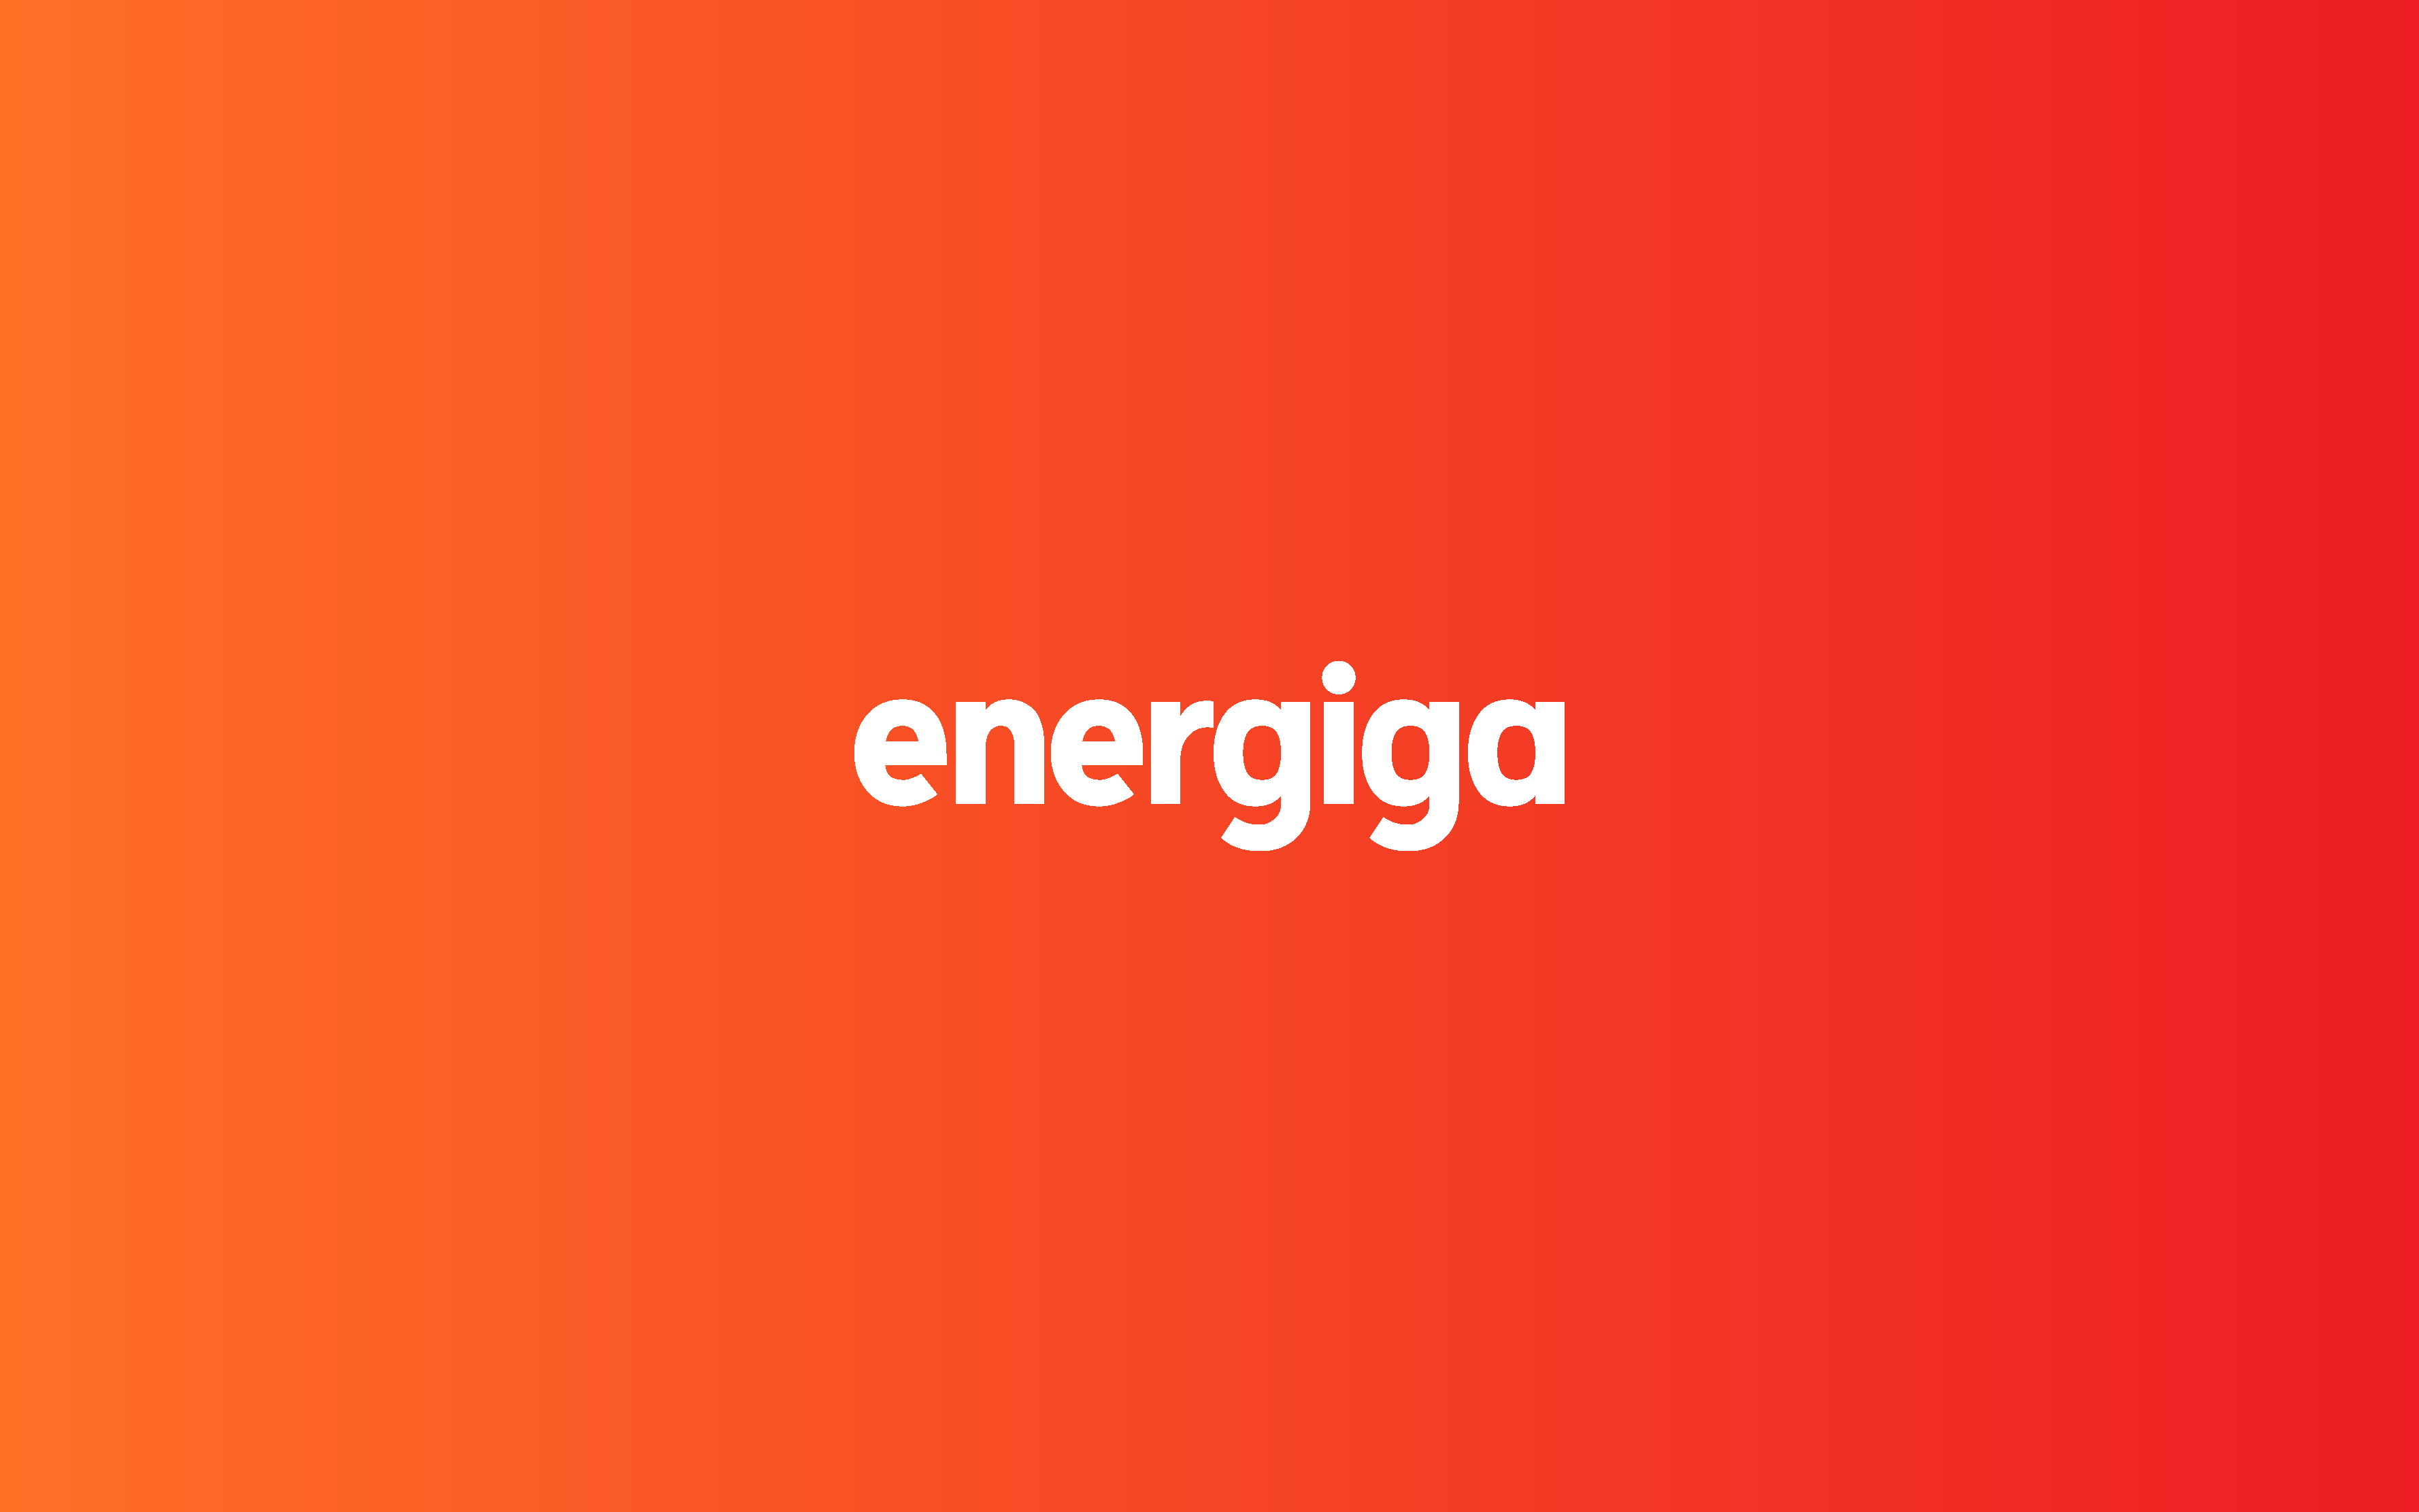 Energiga